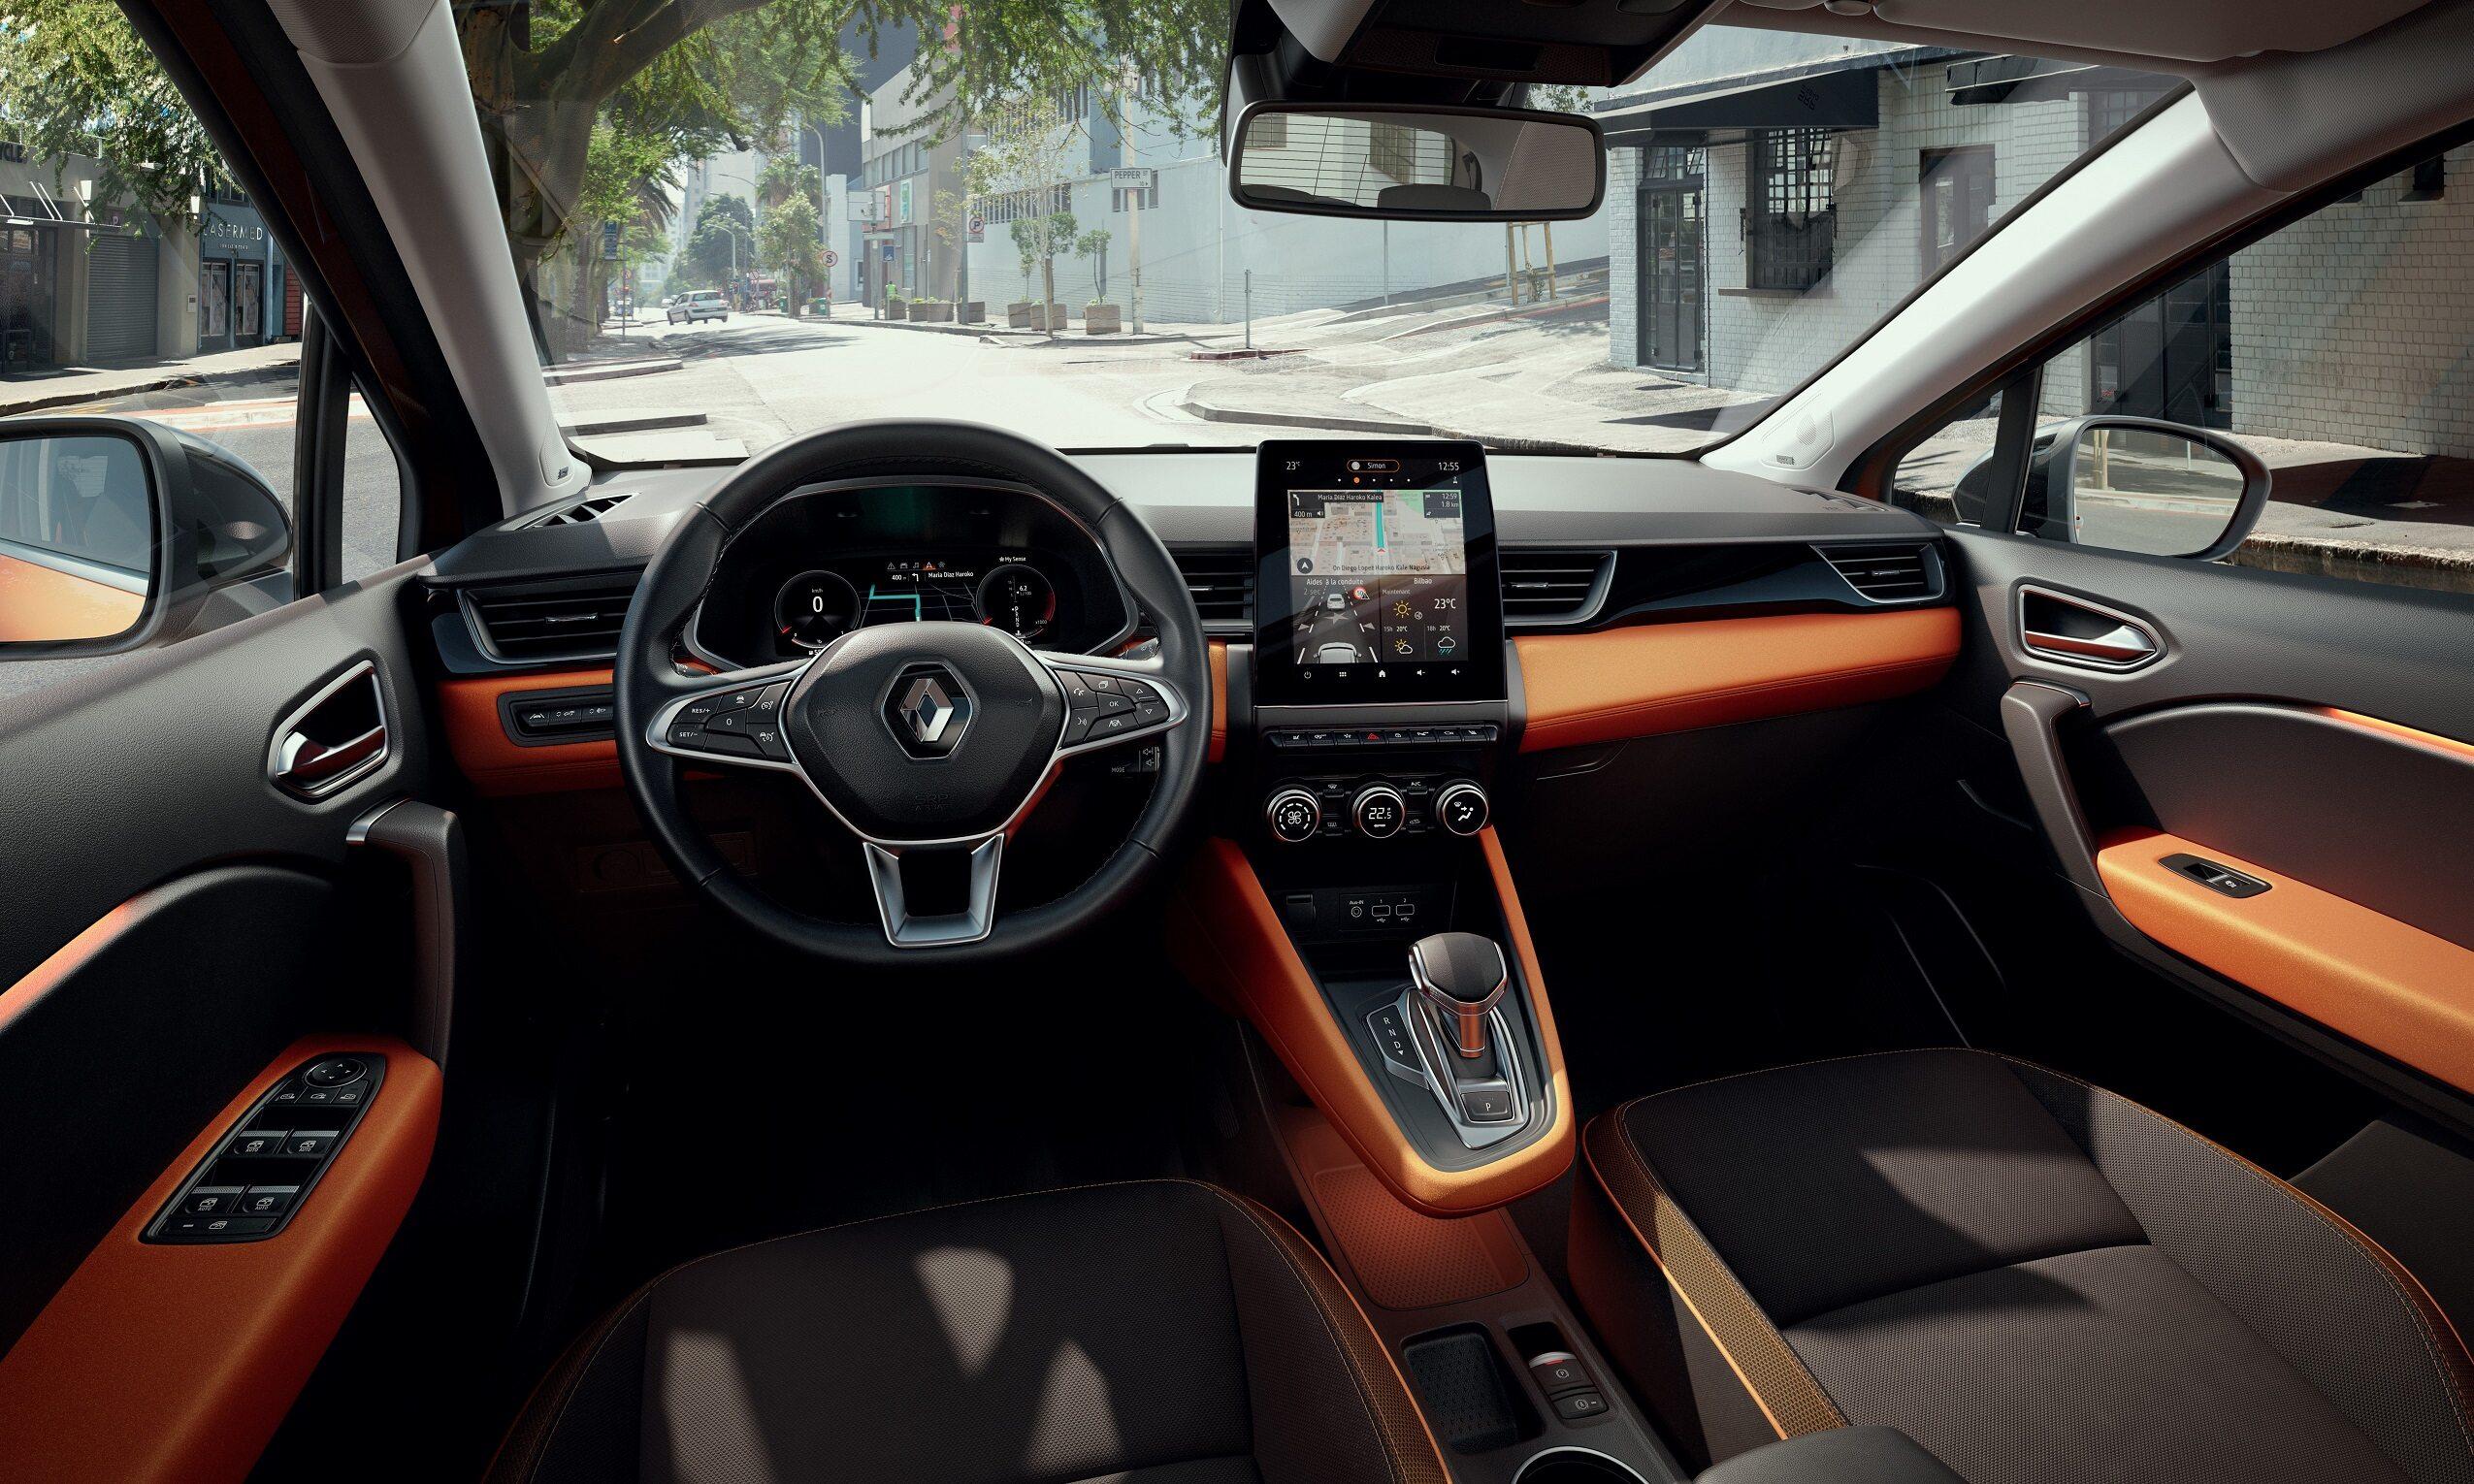 Czyste wnętrze samochodu (zdj. ilustracyjne)